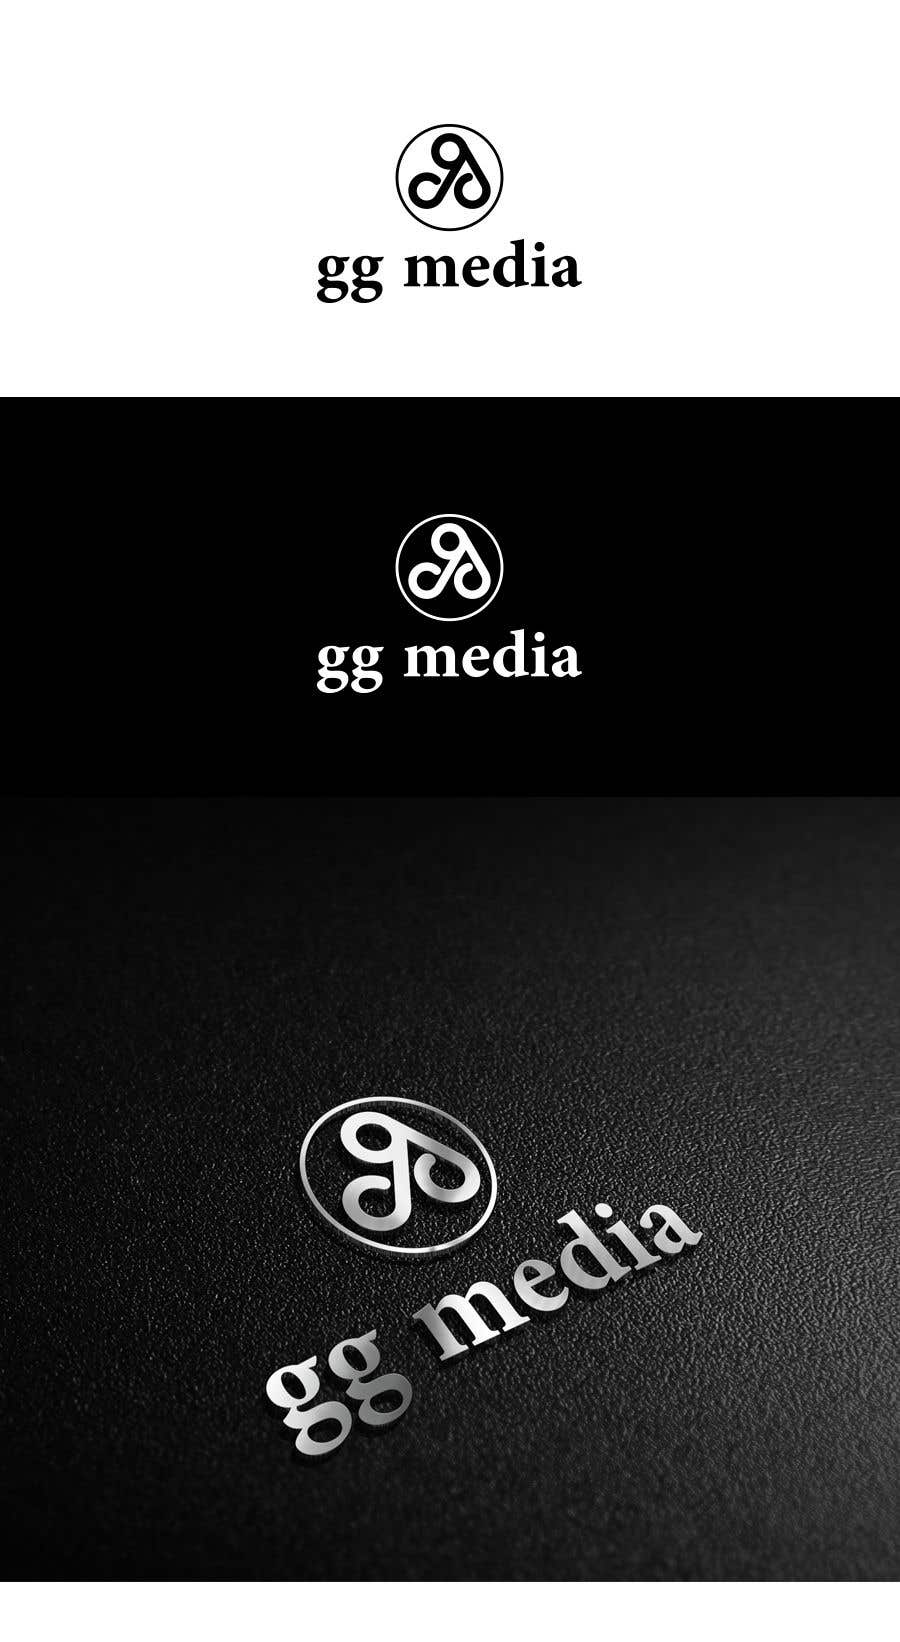 Bài tham dự cuộc thi #372 cho Design a Logo for GG Media